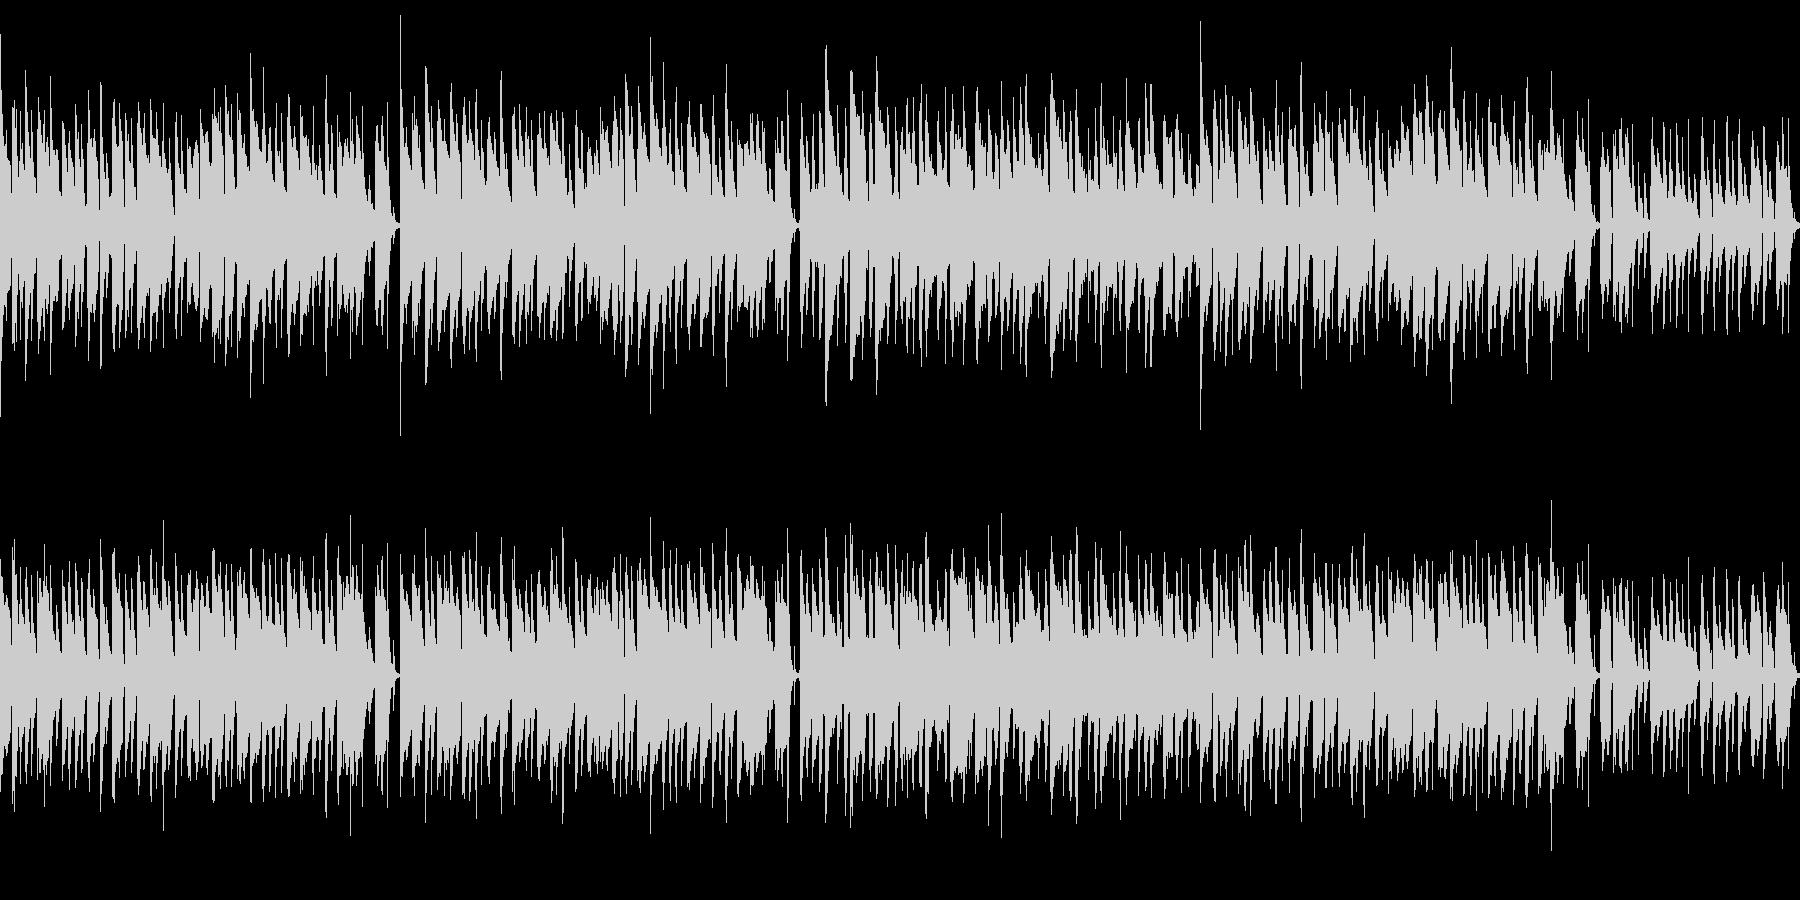 ほのぼのとしたセミナー向け音楽の未再生の波形